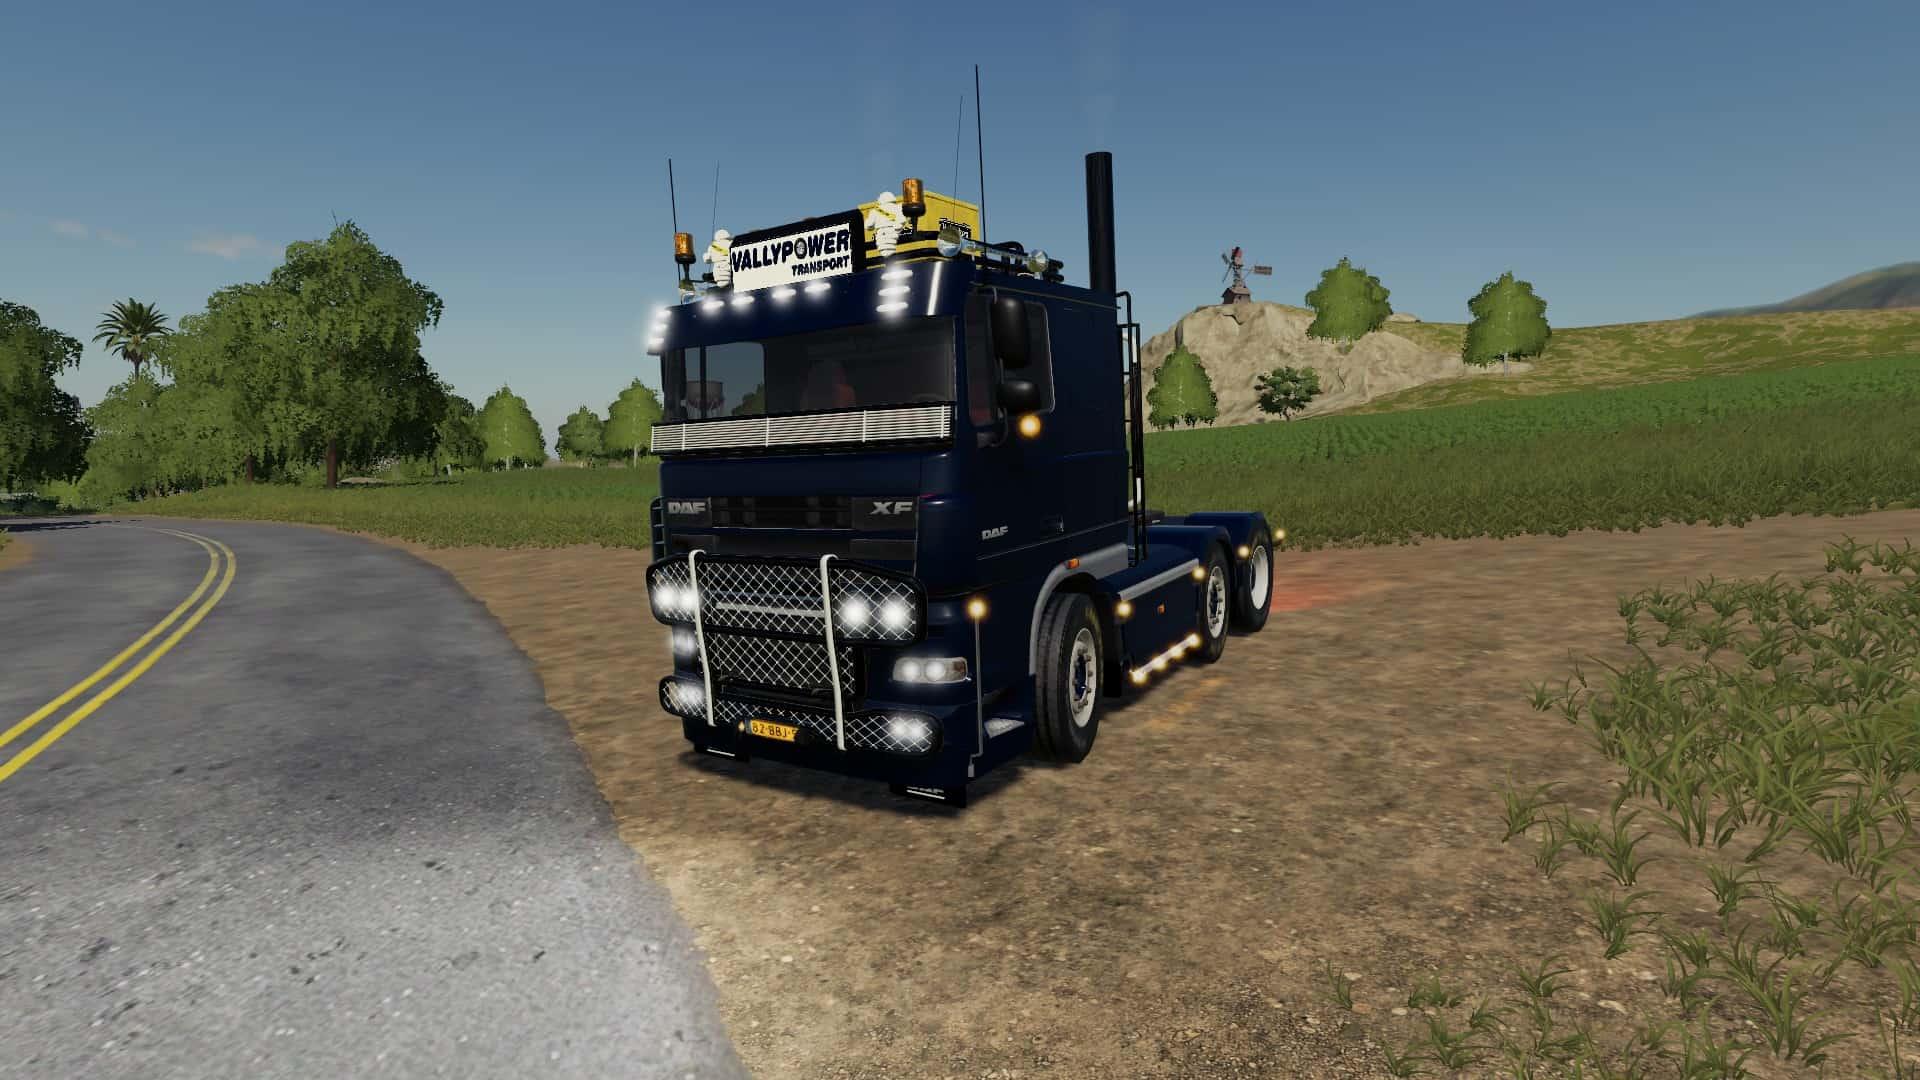 DAF 105 XF Truck - Farming Simulator 19 Mod / FS19